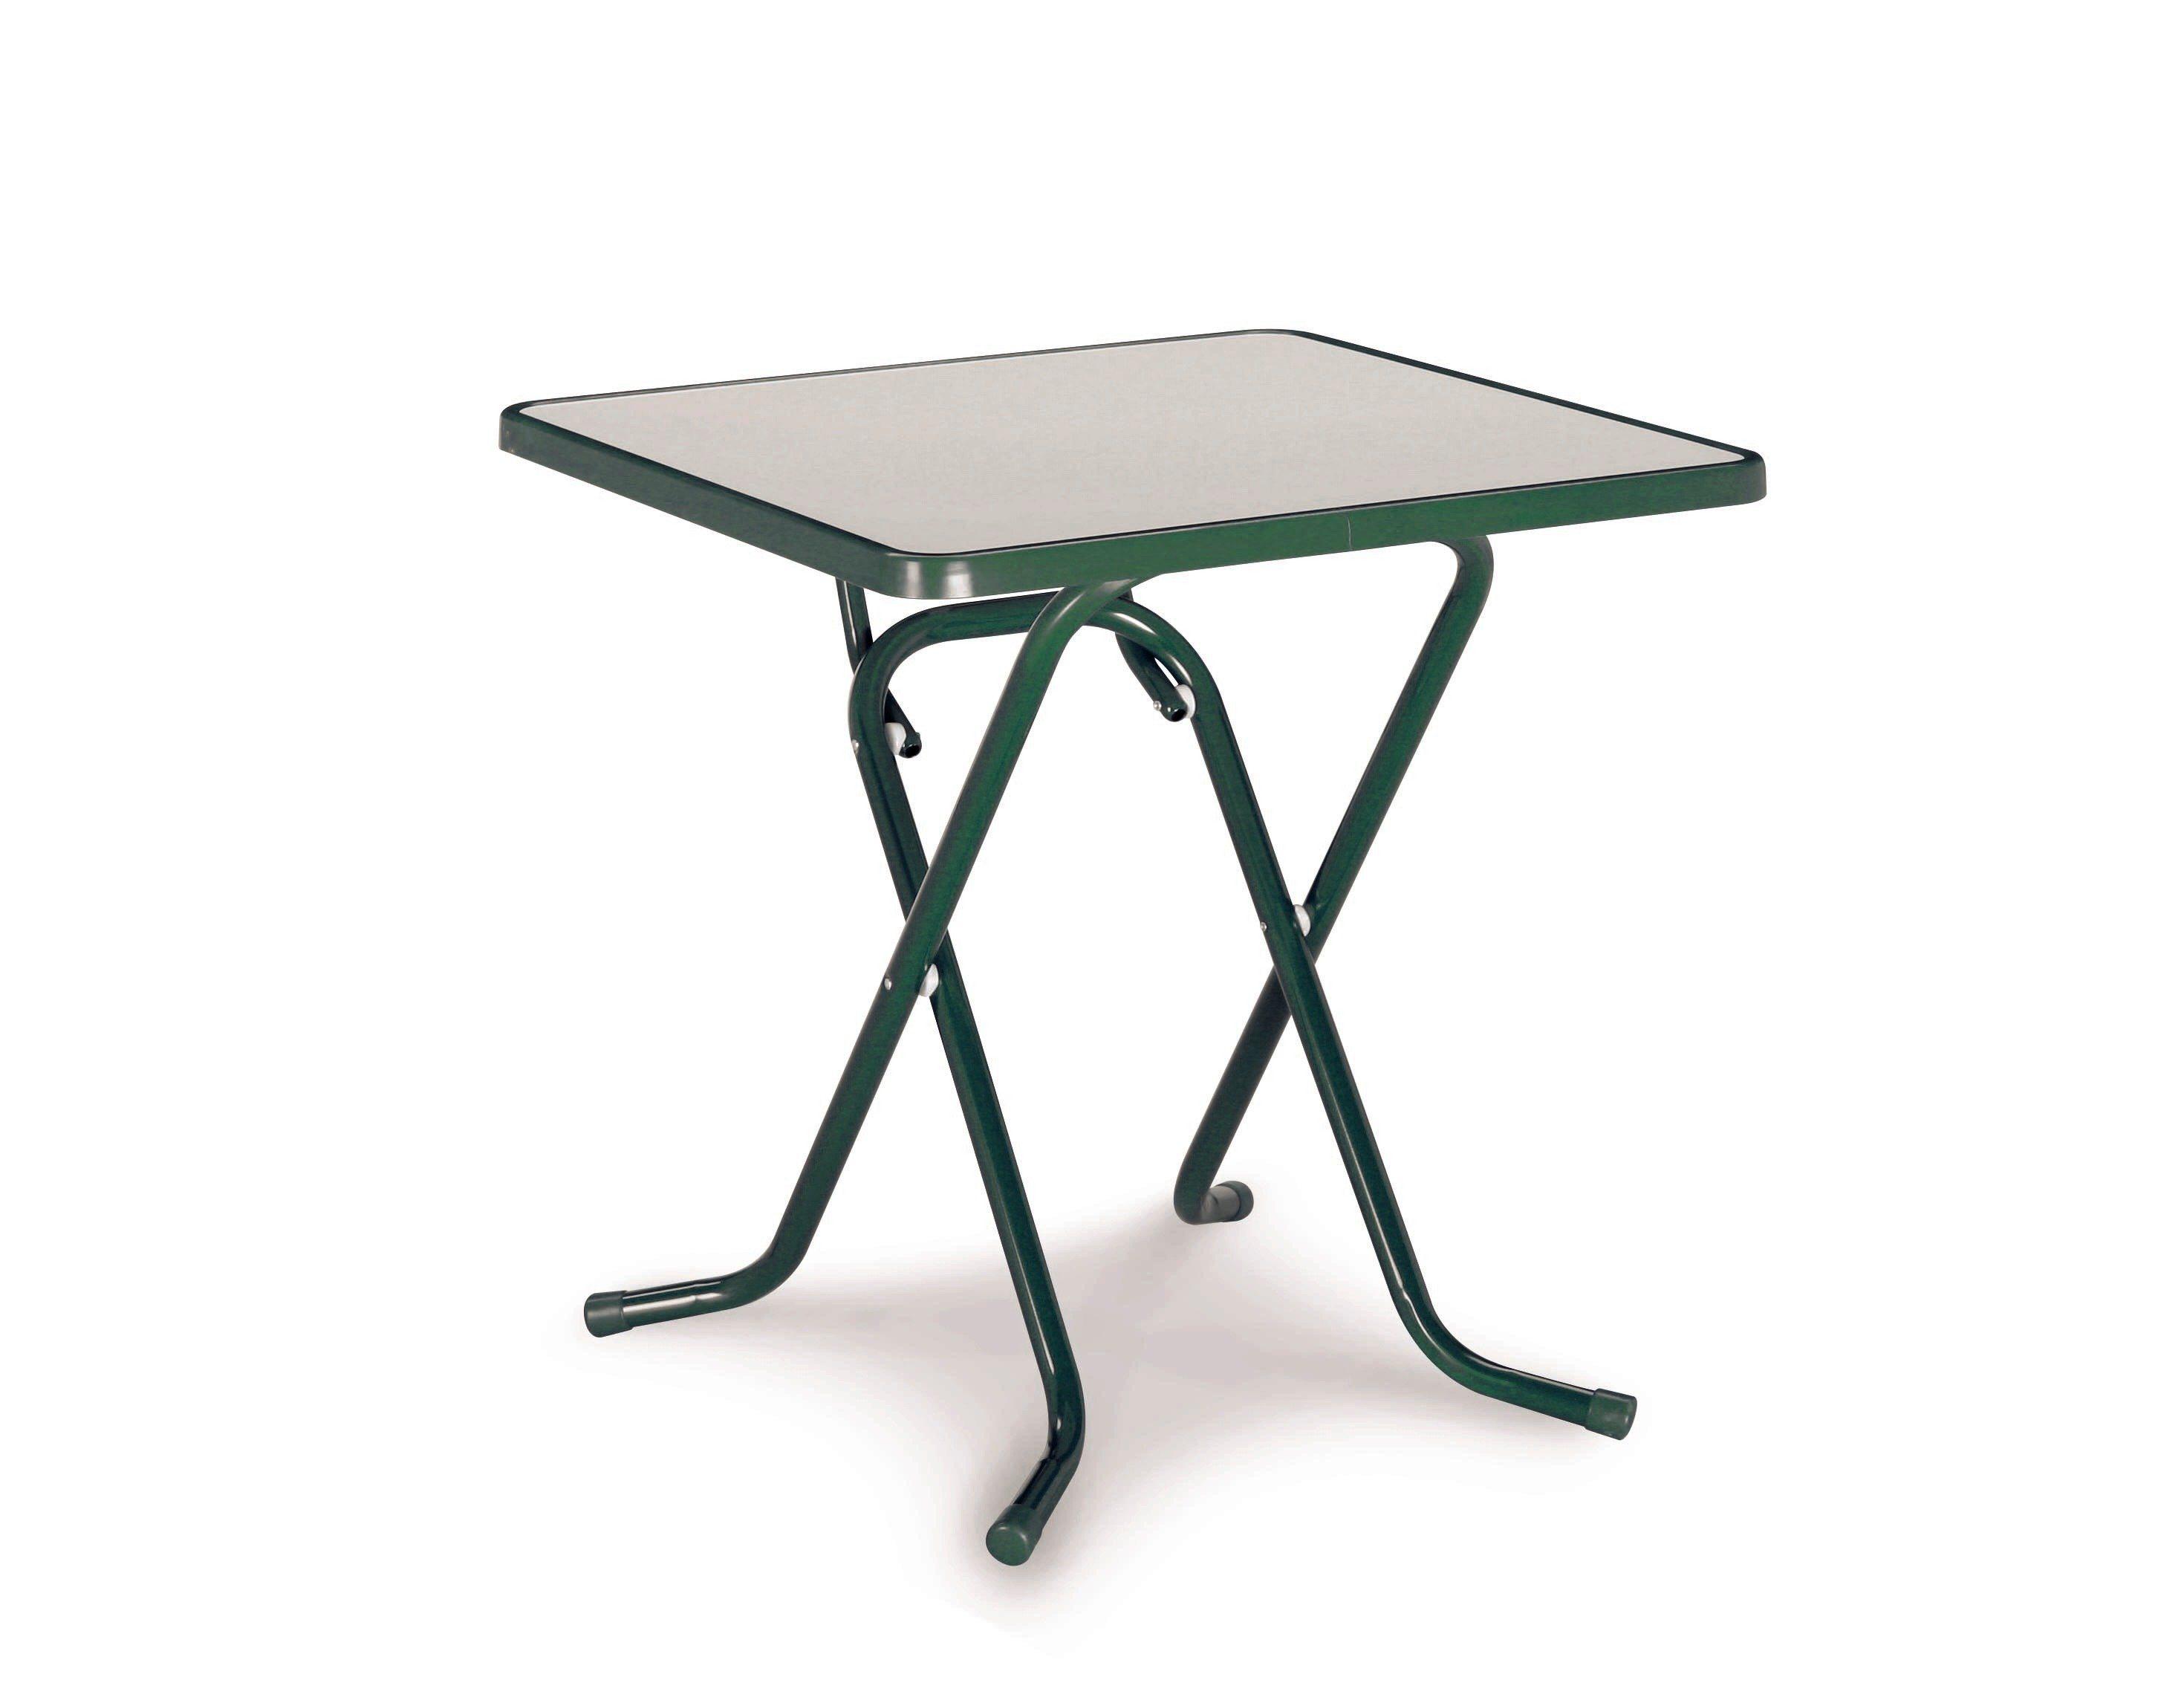 Best Gartentisch »Primo«, klappbar, Stahl/Kunststoff, 67x67 cm, grün